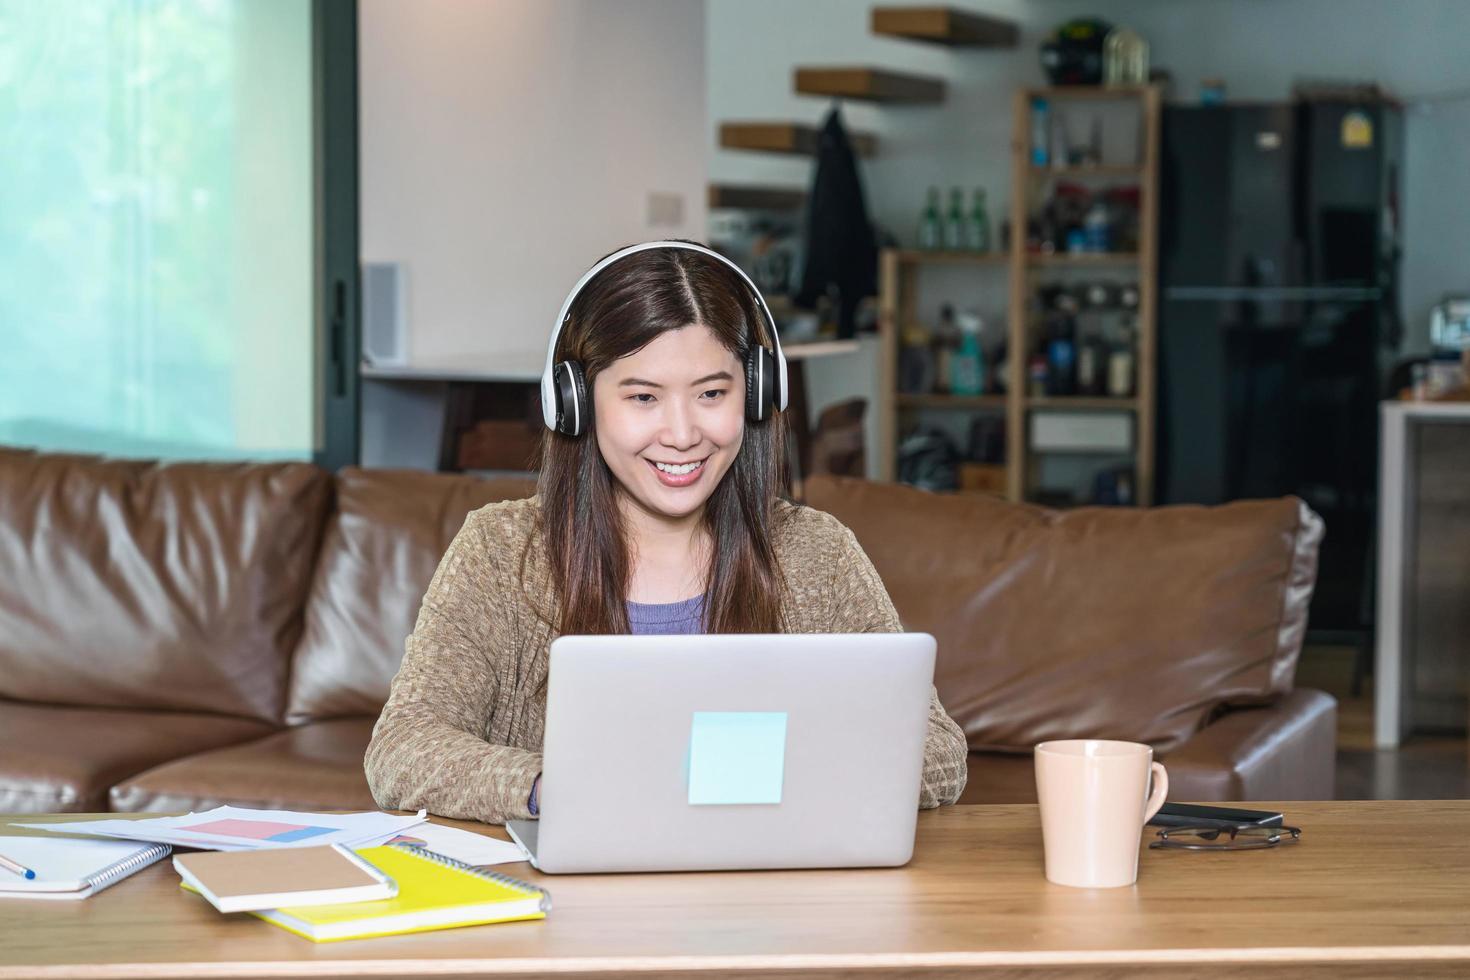 asiatique, femme affaires, utilisation, technologie, ordinateur portable, chez soi photo